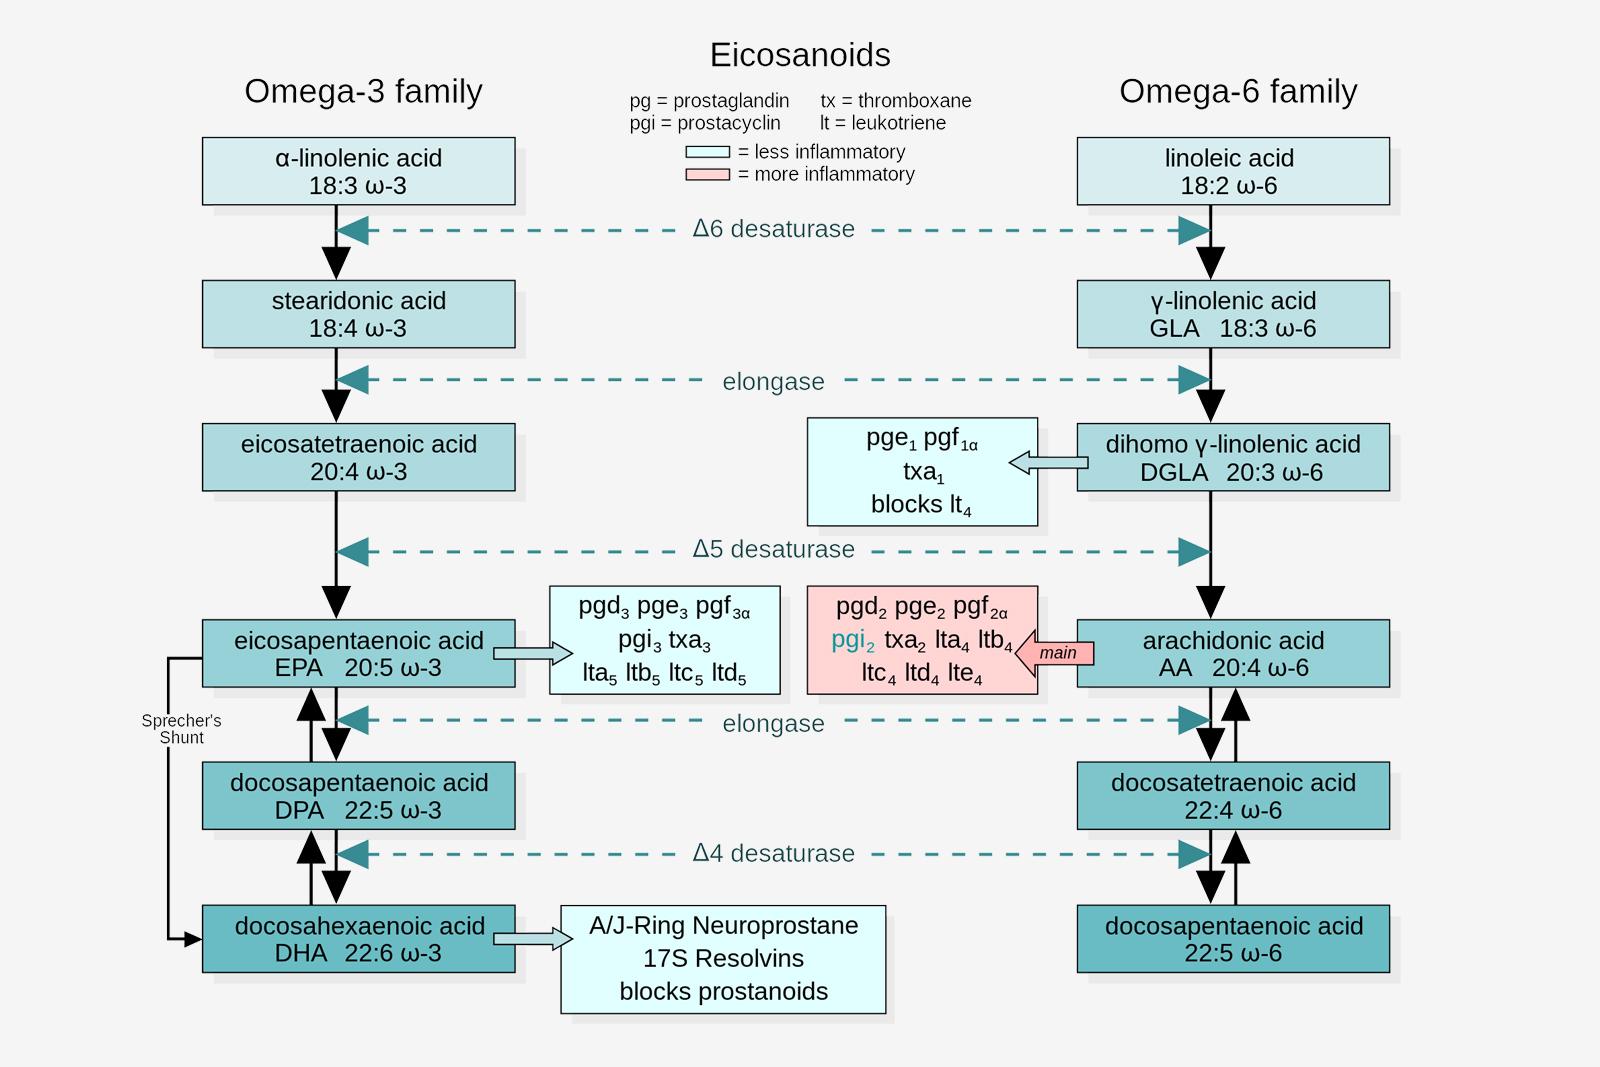 Högkoncentrerad omega-3, nej tack!